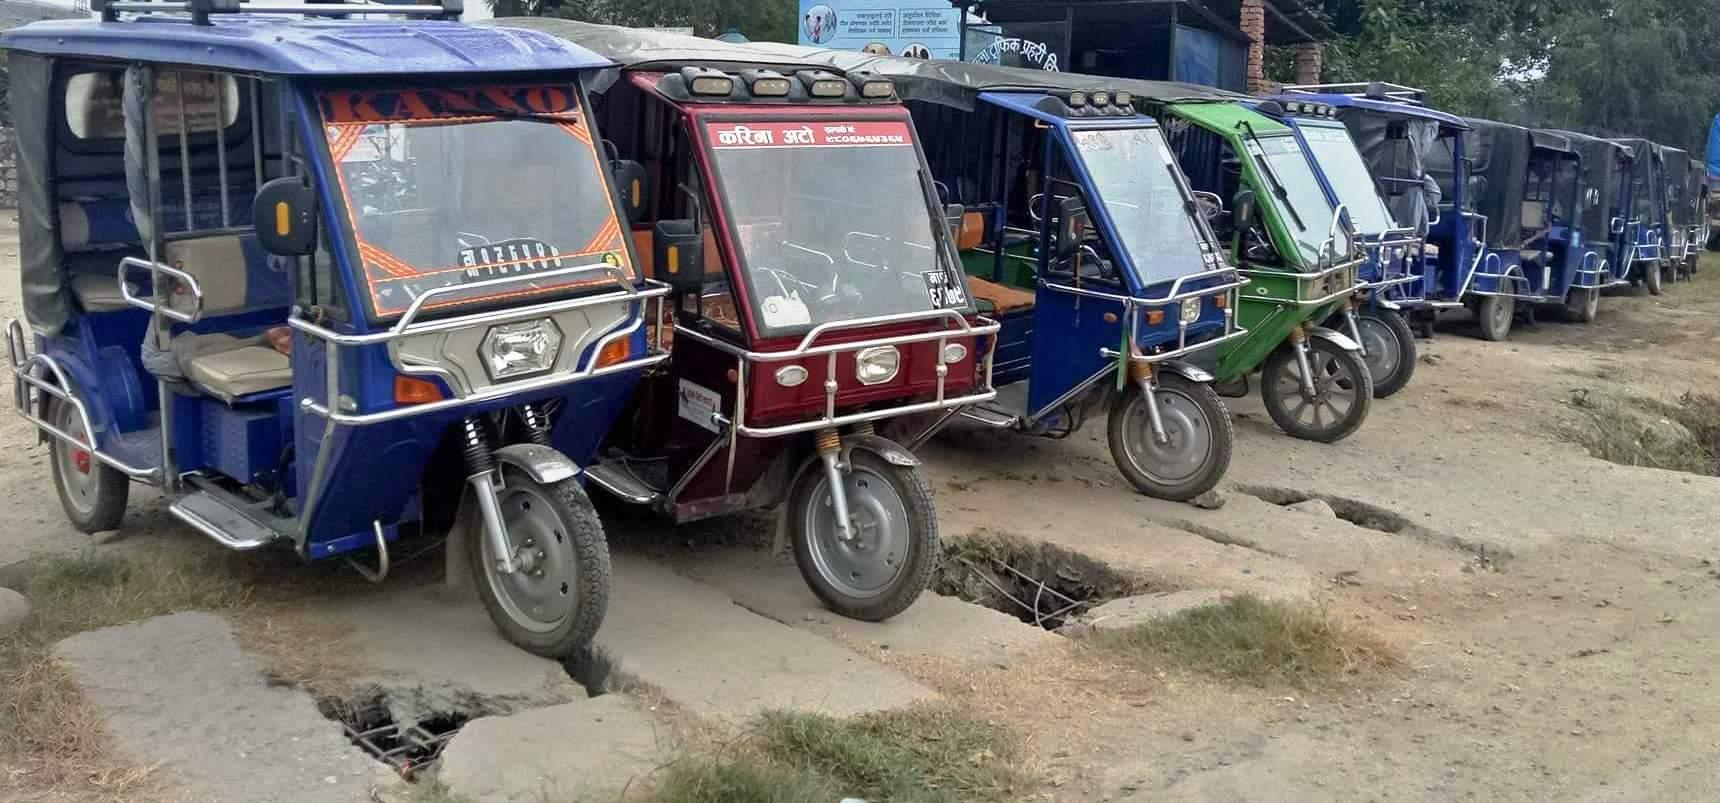 बाँकेमा पाँच हजार ७१९ इ–रिक्सा दर्ता, प्रदेशभर सात हजार विद्युतीय सवारीसाधन